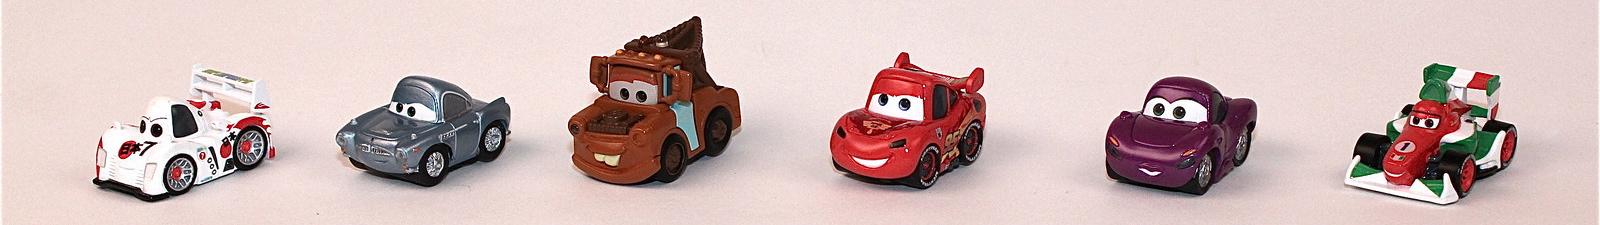 Cars 2 AppMATes